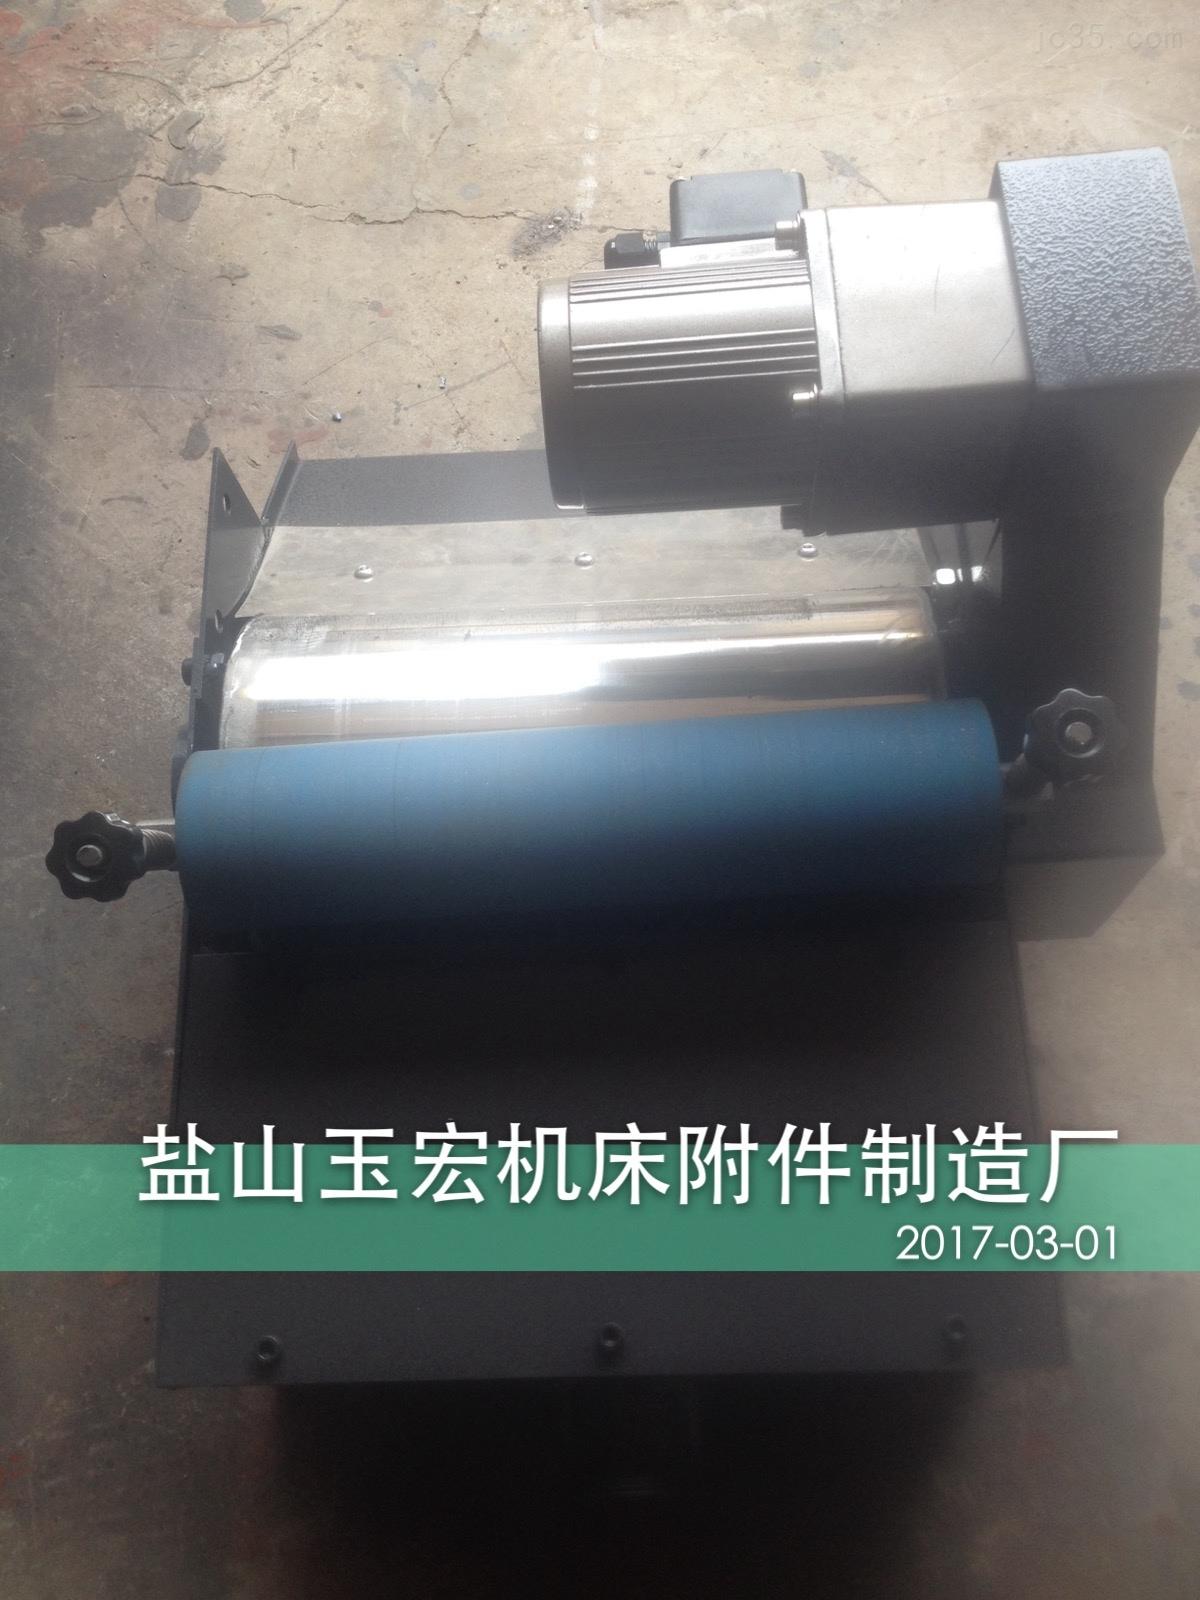 机床磁性分离器、胶辊磁性分离器